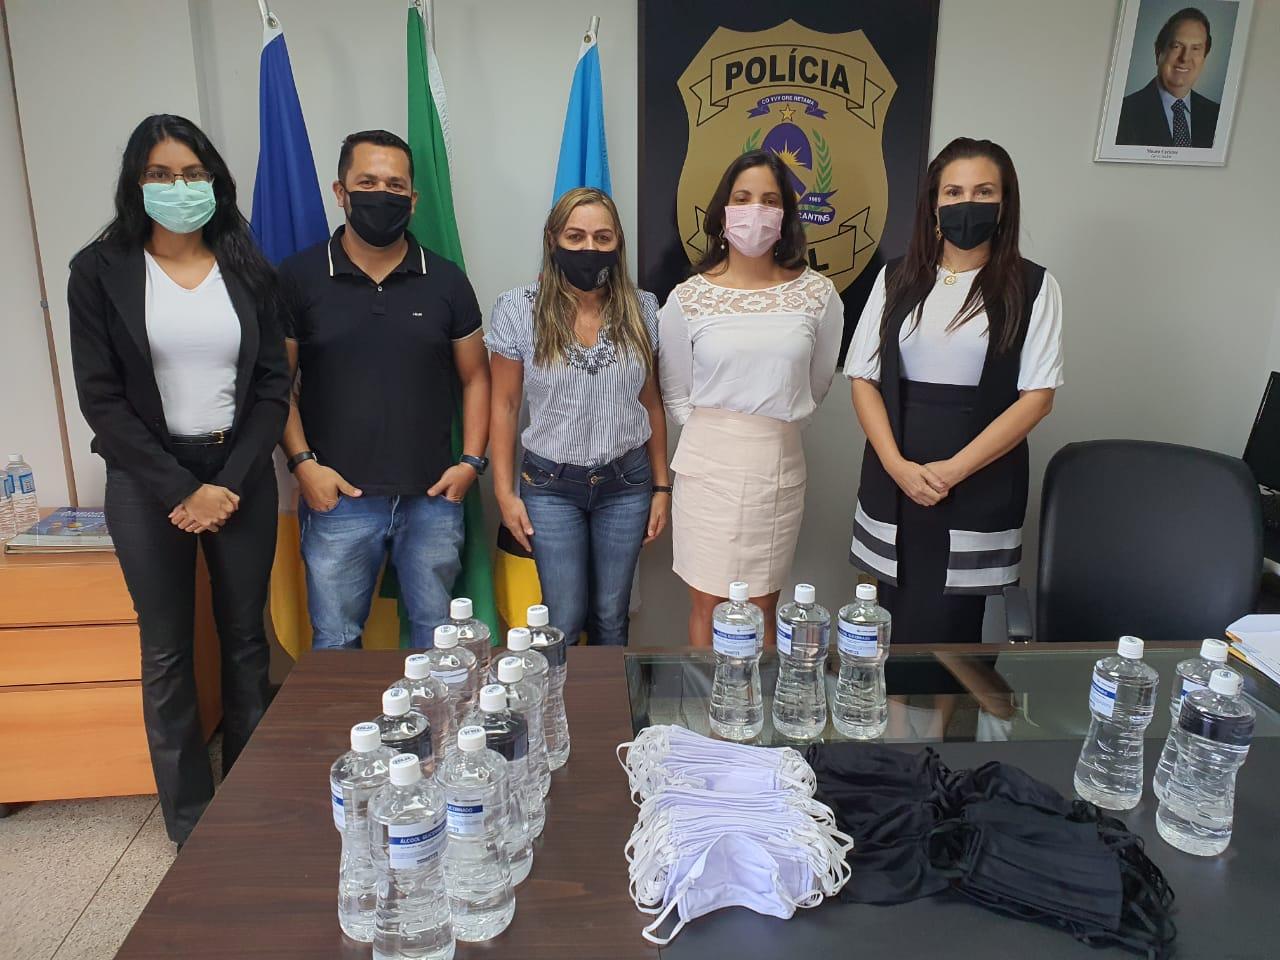 Polícia Civil recebe doação de 500 máscaras e 20 litros de álcool em gel